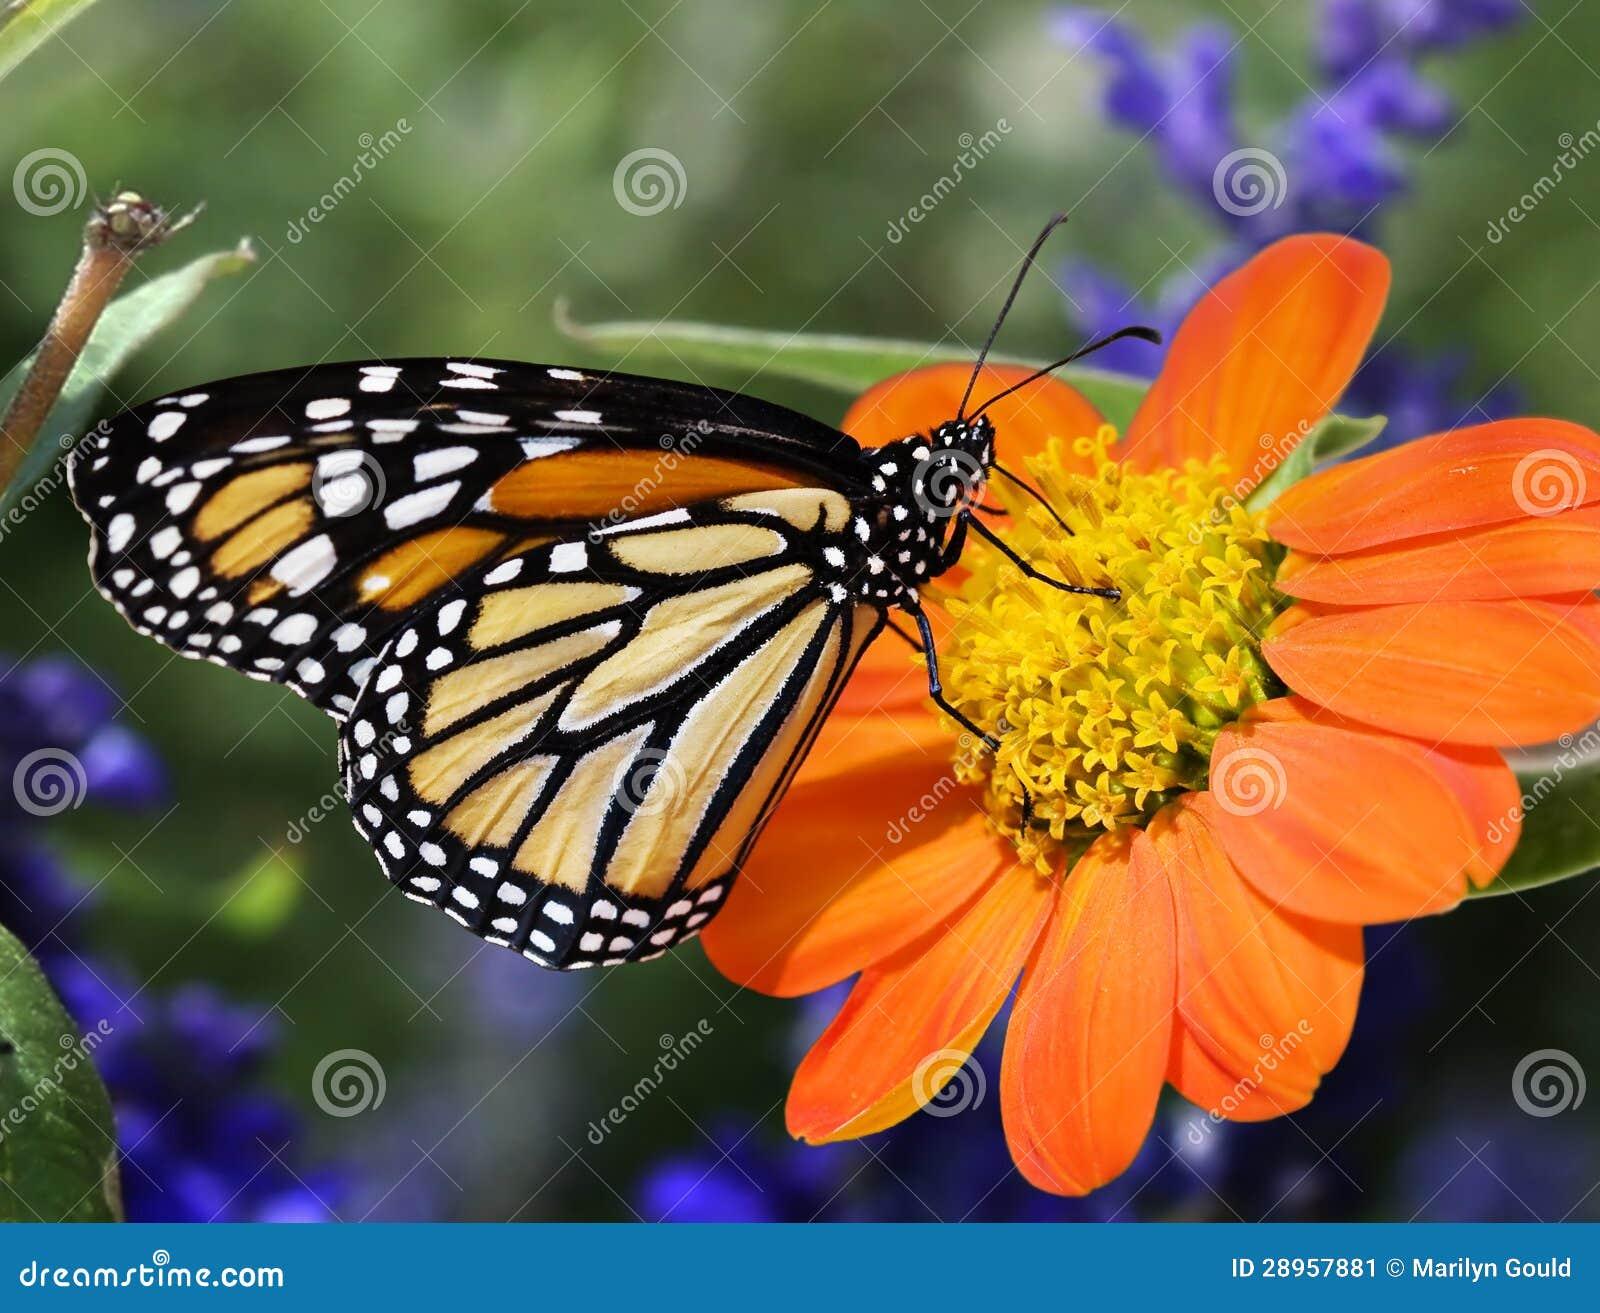 El introducir de la mariposa de monarca del perfil